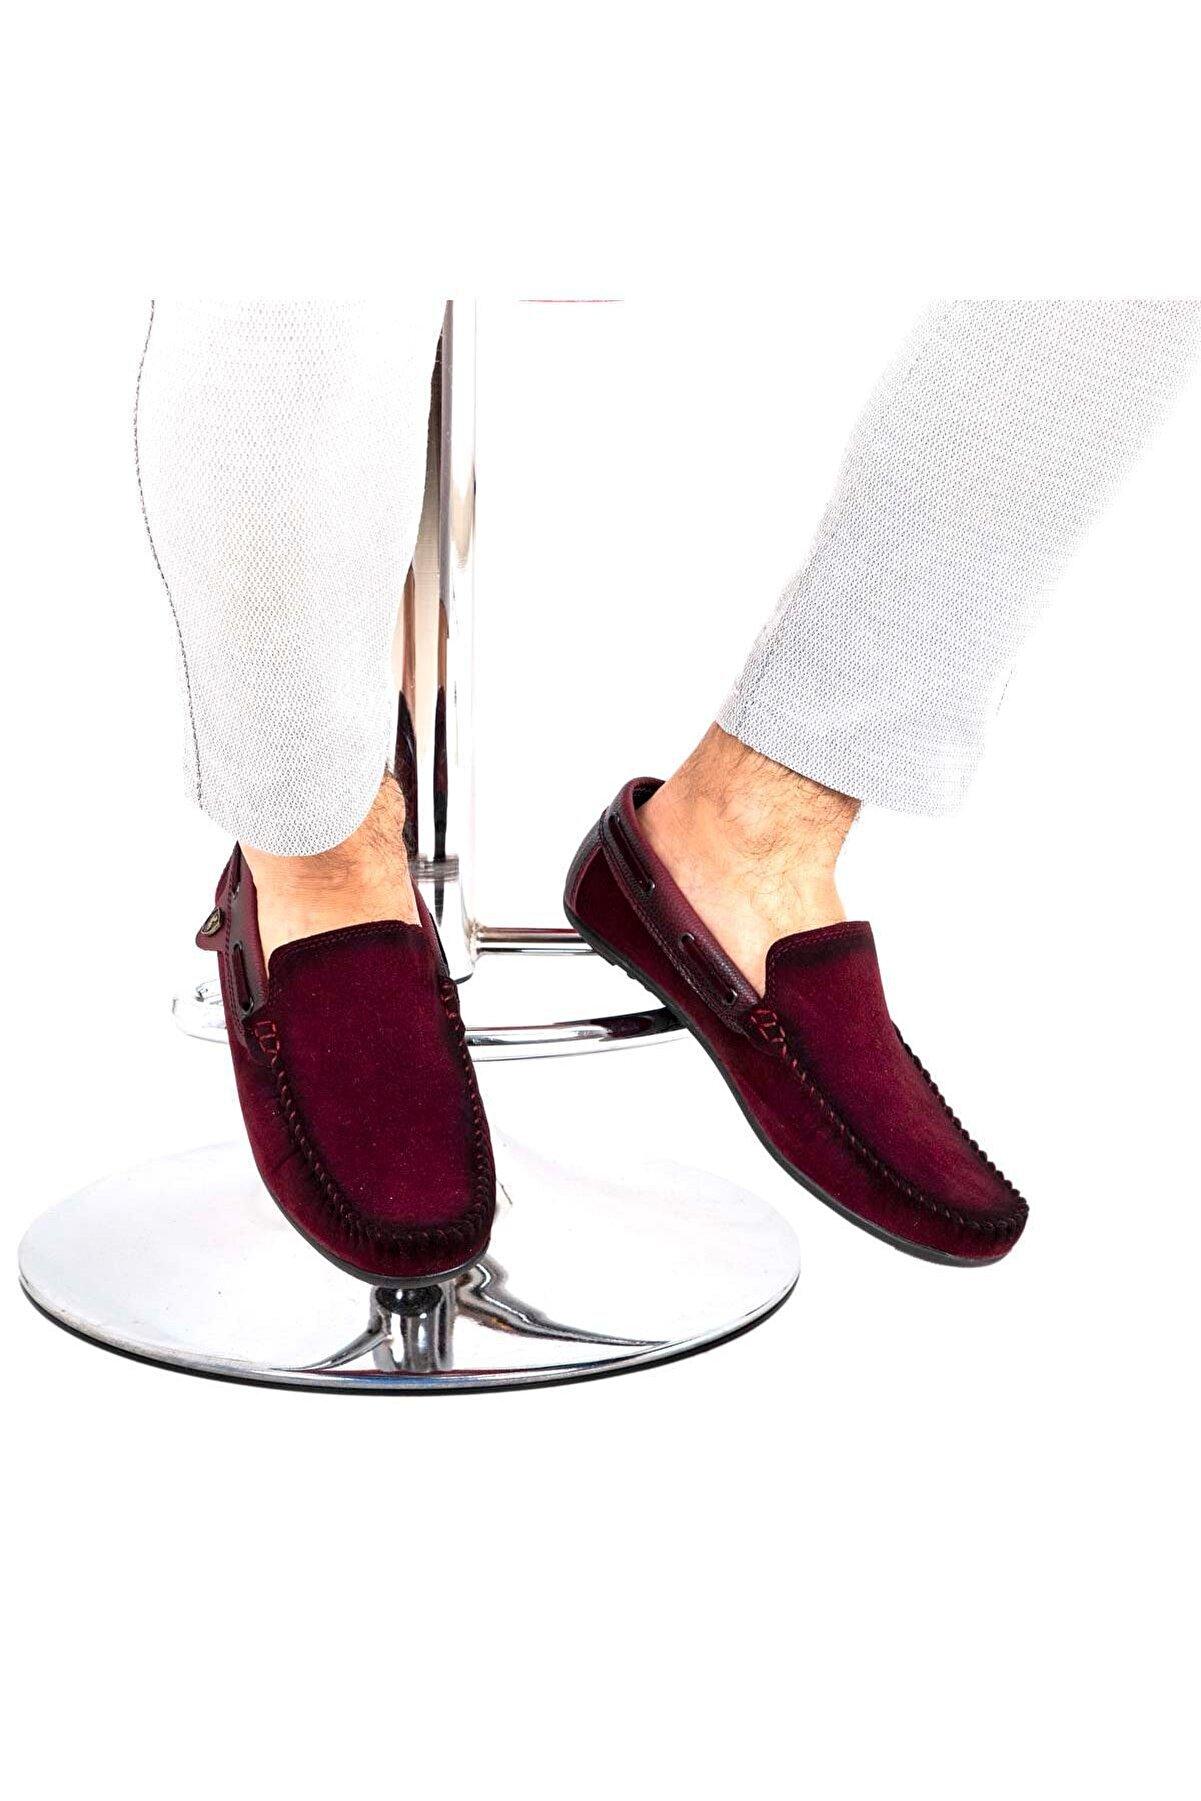 Milano Brava Ortopedik Loafer Erkek Ayakkabı Mln1001 Süet Bordo